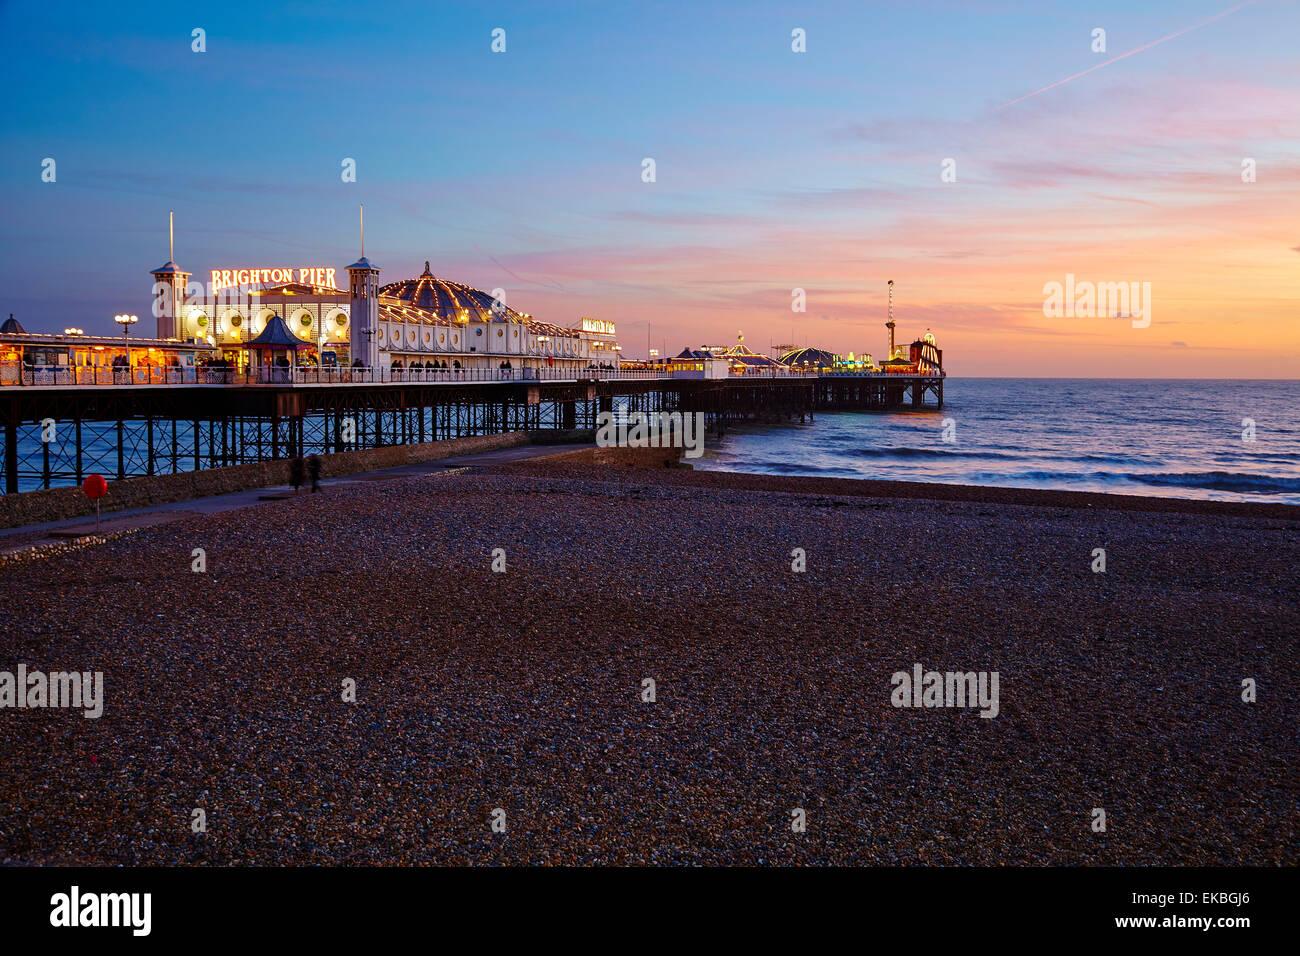 Il Brighton Pier e Brighton, Sussex, England, Regno Unito, Europa Immagini Stock